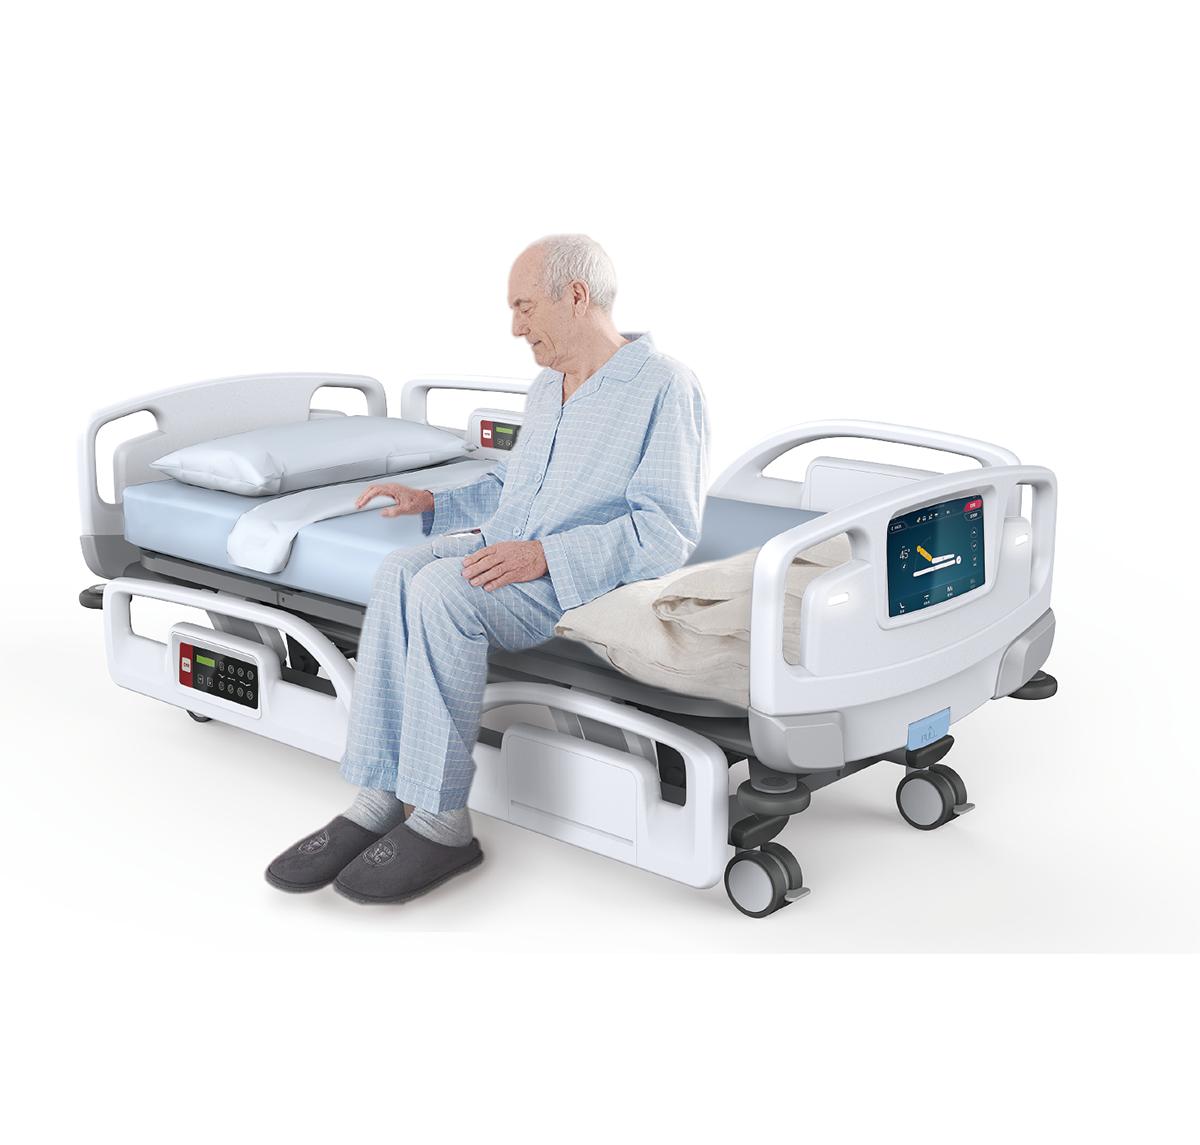 Smart Hospital Bed I On Behance Hospital Bed Bed Hospital Design